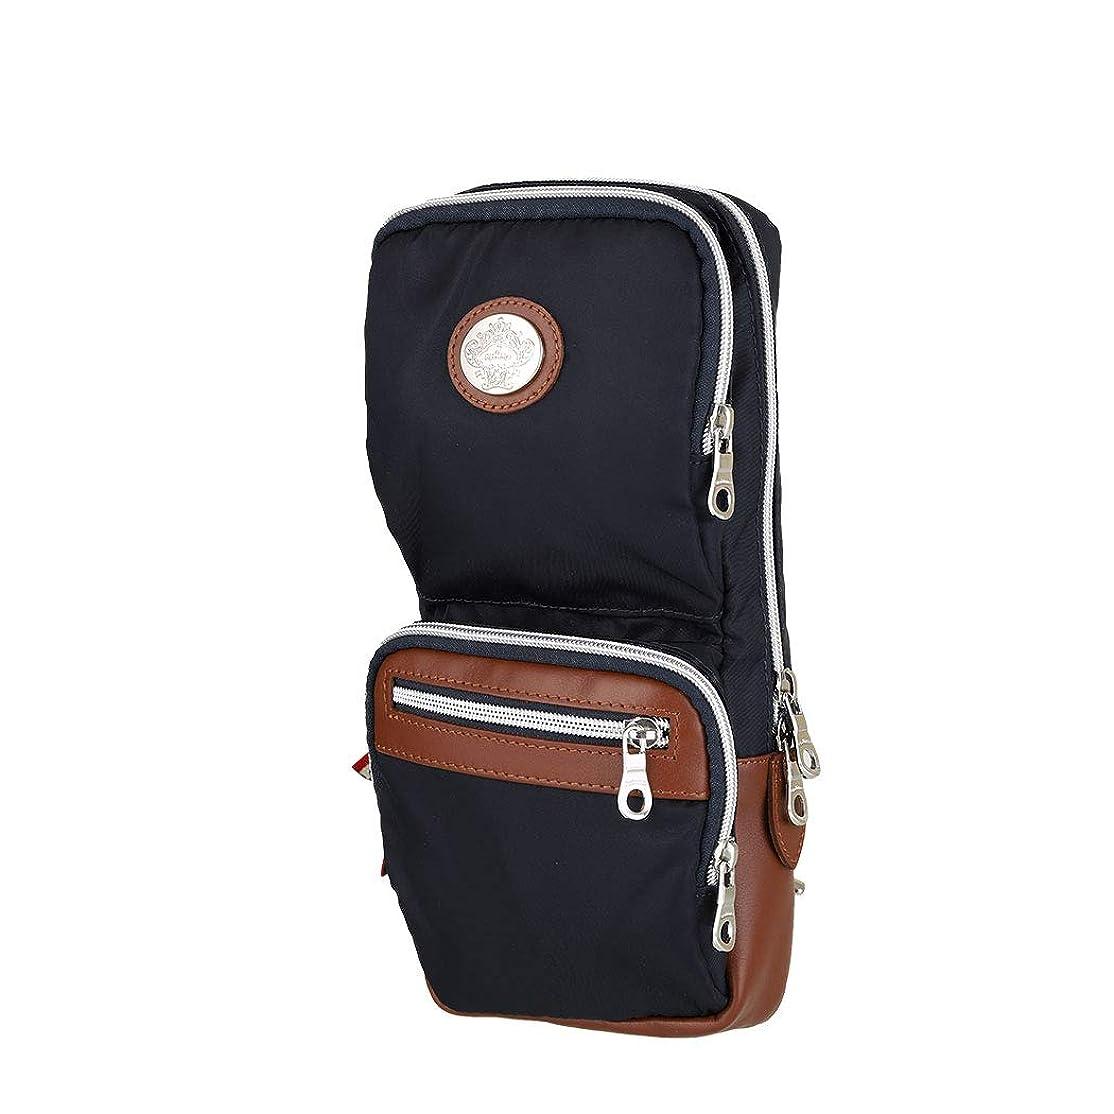 シガレット不器用大混乱オロビアンコ ボディバッグ ショルダーバッグ OROBIANCO COMPAKTION-C 02 ビジネス 鞄 メンズ レディース プレゼント ギフト バレンタイン バッグ orobianco-90467